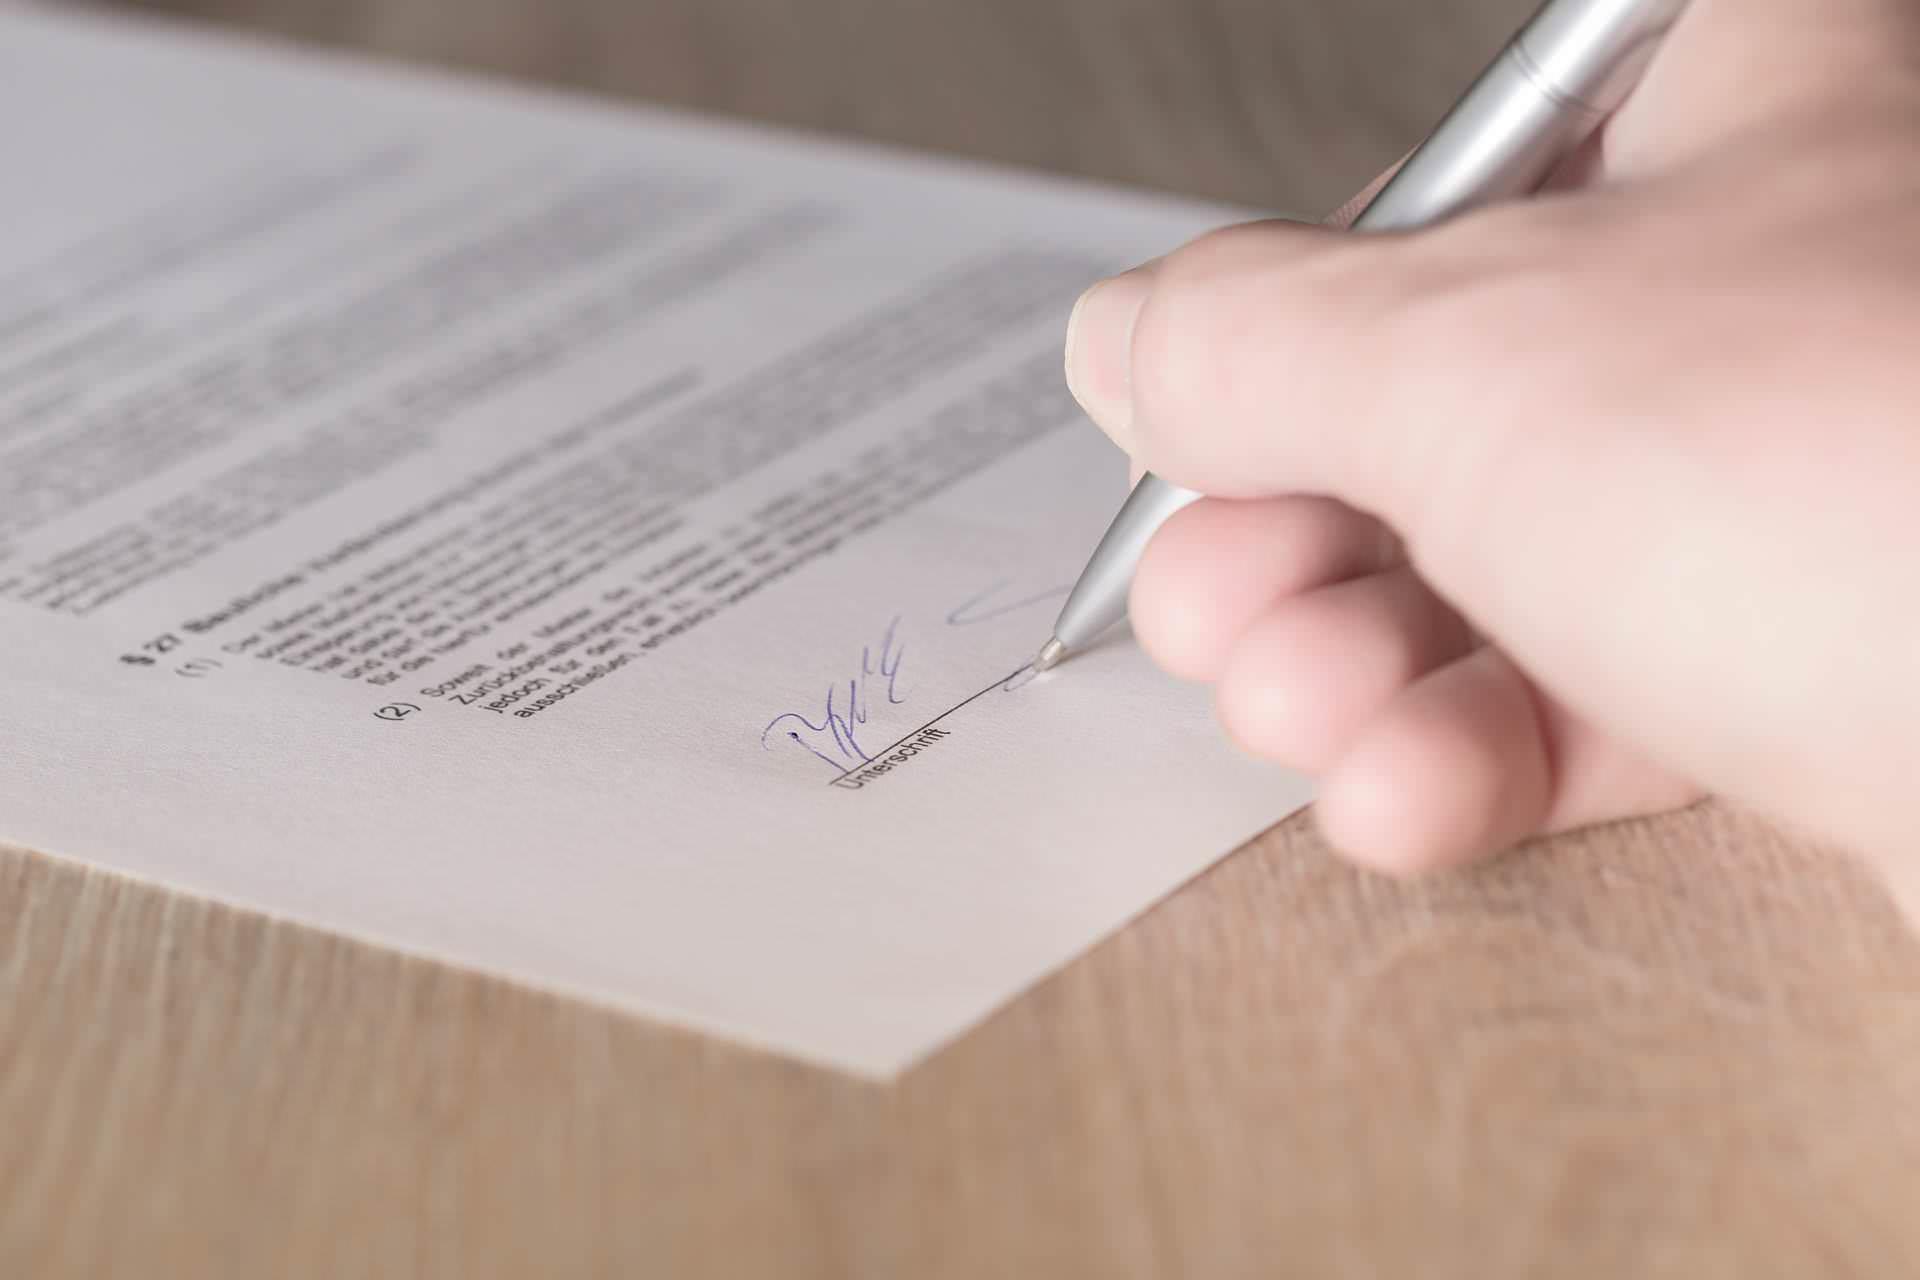 Briefpapier erstellen lassen in Freiburg, Bad Krozingen, Staufen, Emmendingen, Bad Dürrheim und Waldkirch